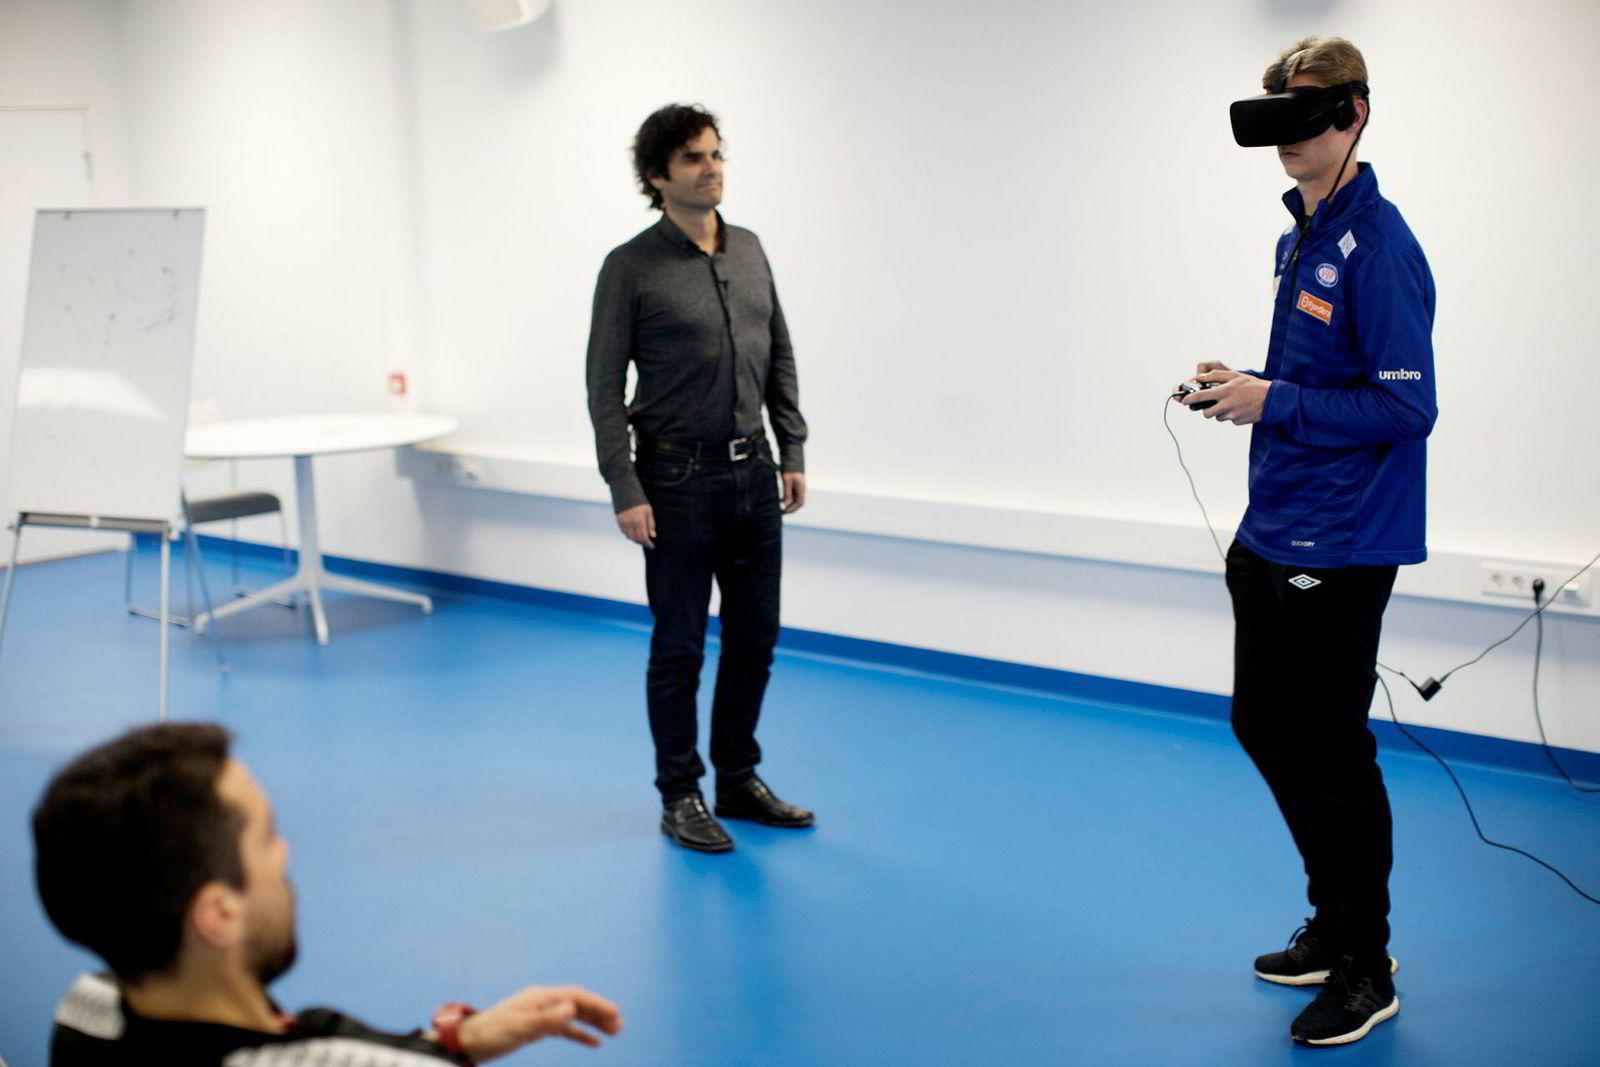 Teknikktrener Enrique Paez (fra venstre) og gründer Odd Skarheim følger med når Sakarias Opsahl fra Vålerengas juniorlag tester «Be you Best».